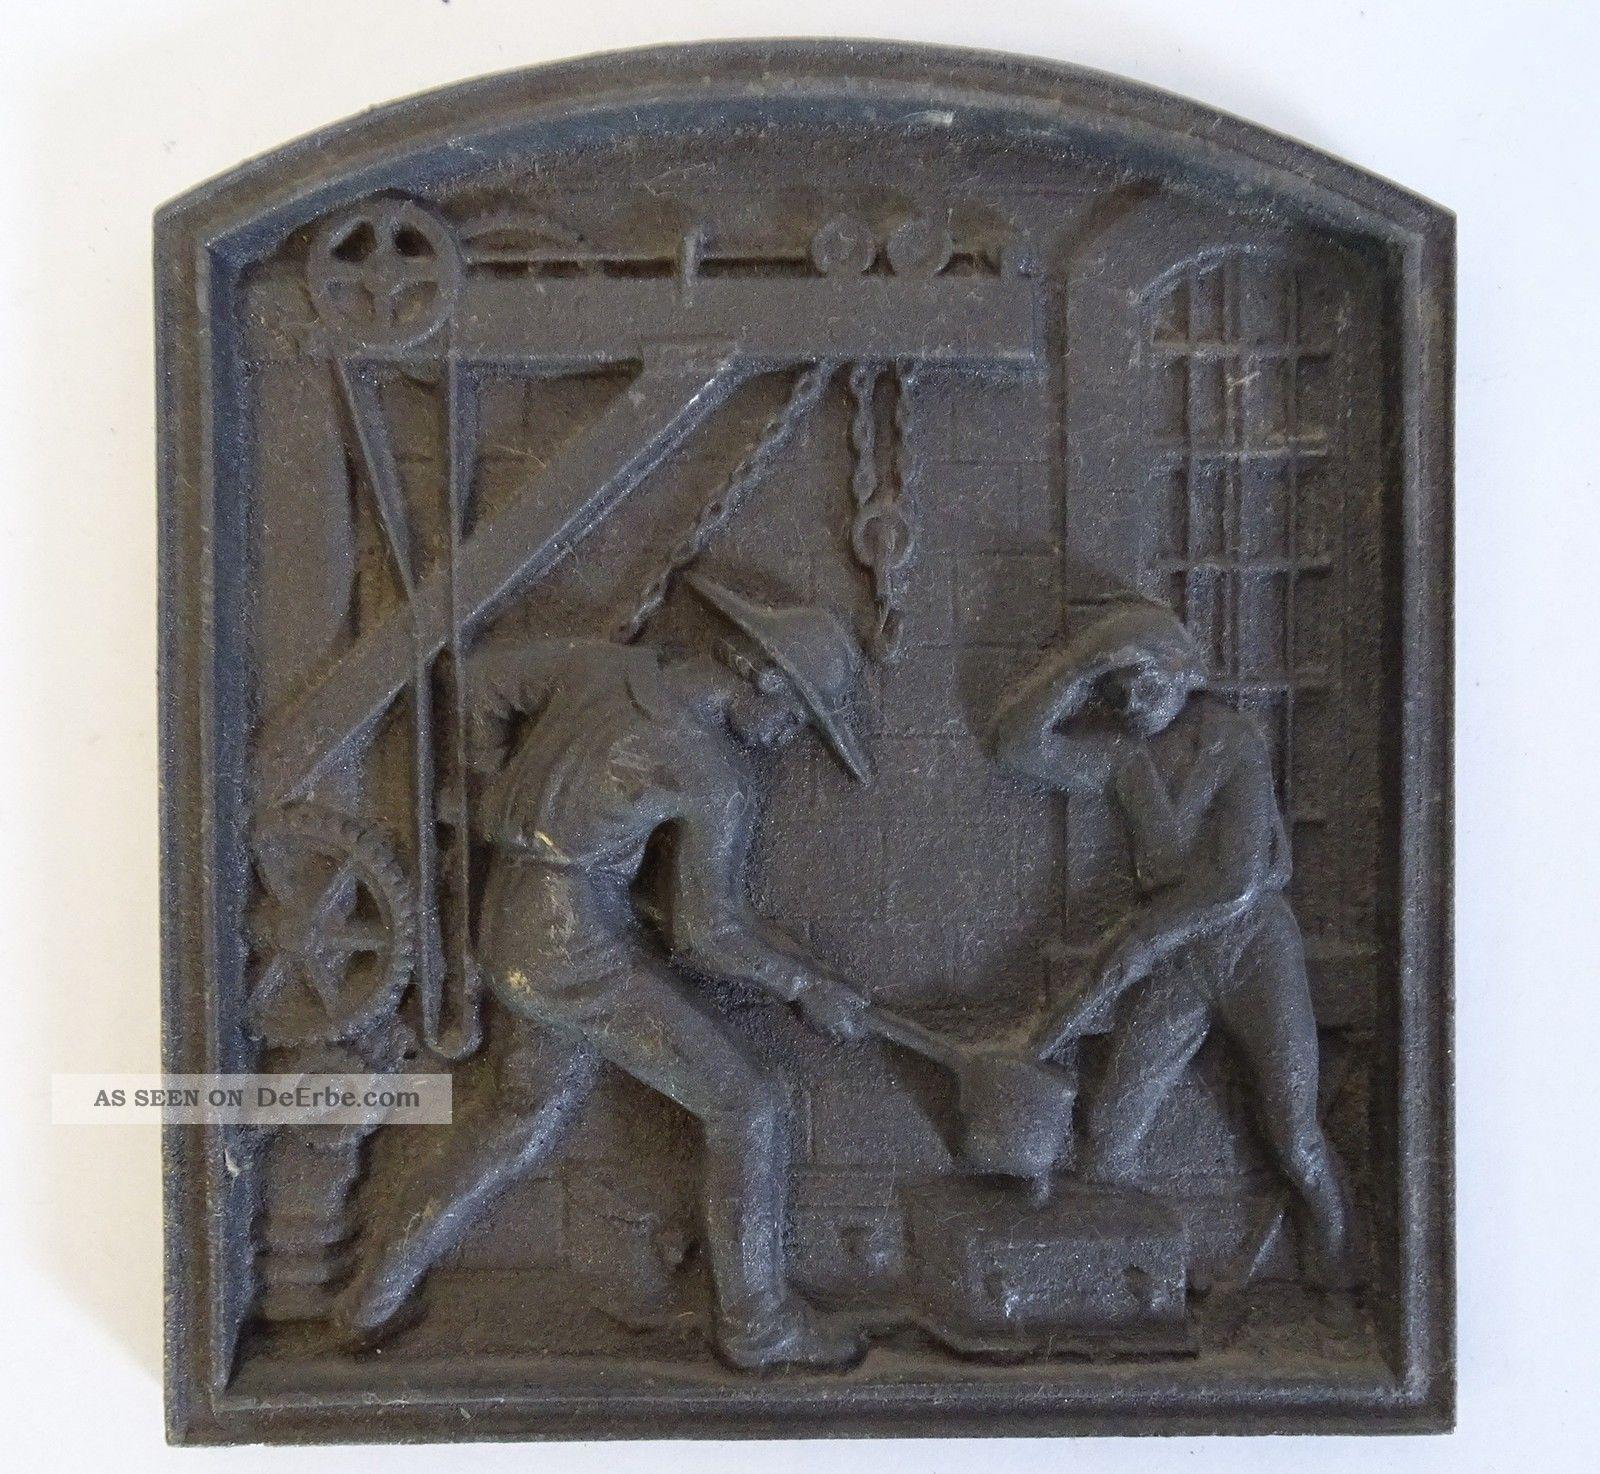 Rarität Orig.  Shw Wasseralfingen Eisen Guss Platte Giesserei 325 Jahre Jubiläum Gefertigt nach 1945 Bild